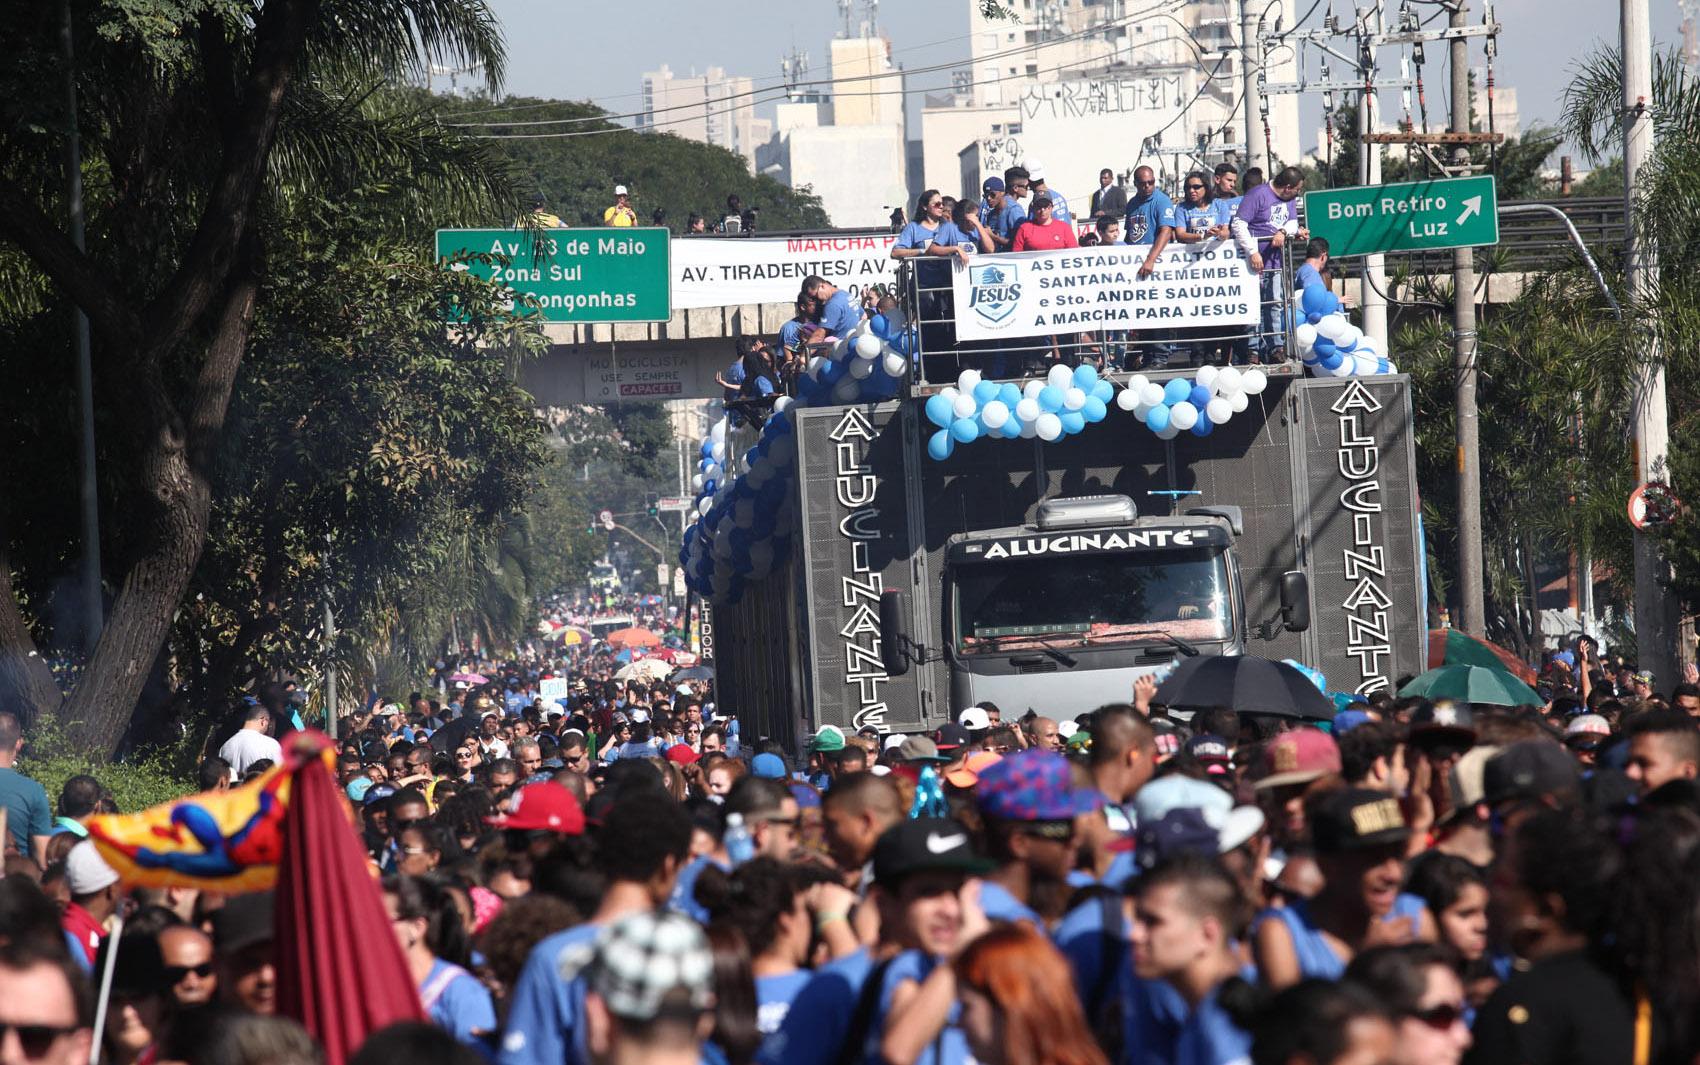 Milhares de evangélicos participam da 23ª Marcha para Jesus, evento que ocorre em ruas e avenidas da Zona Norte de São Paulo